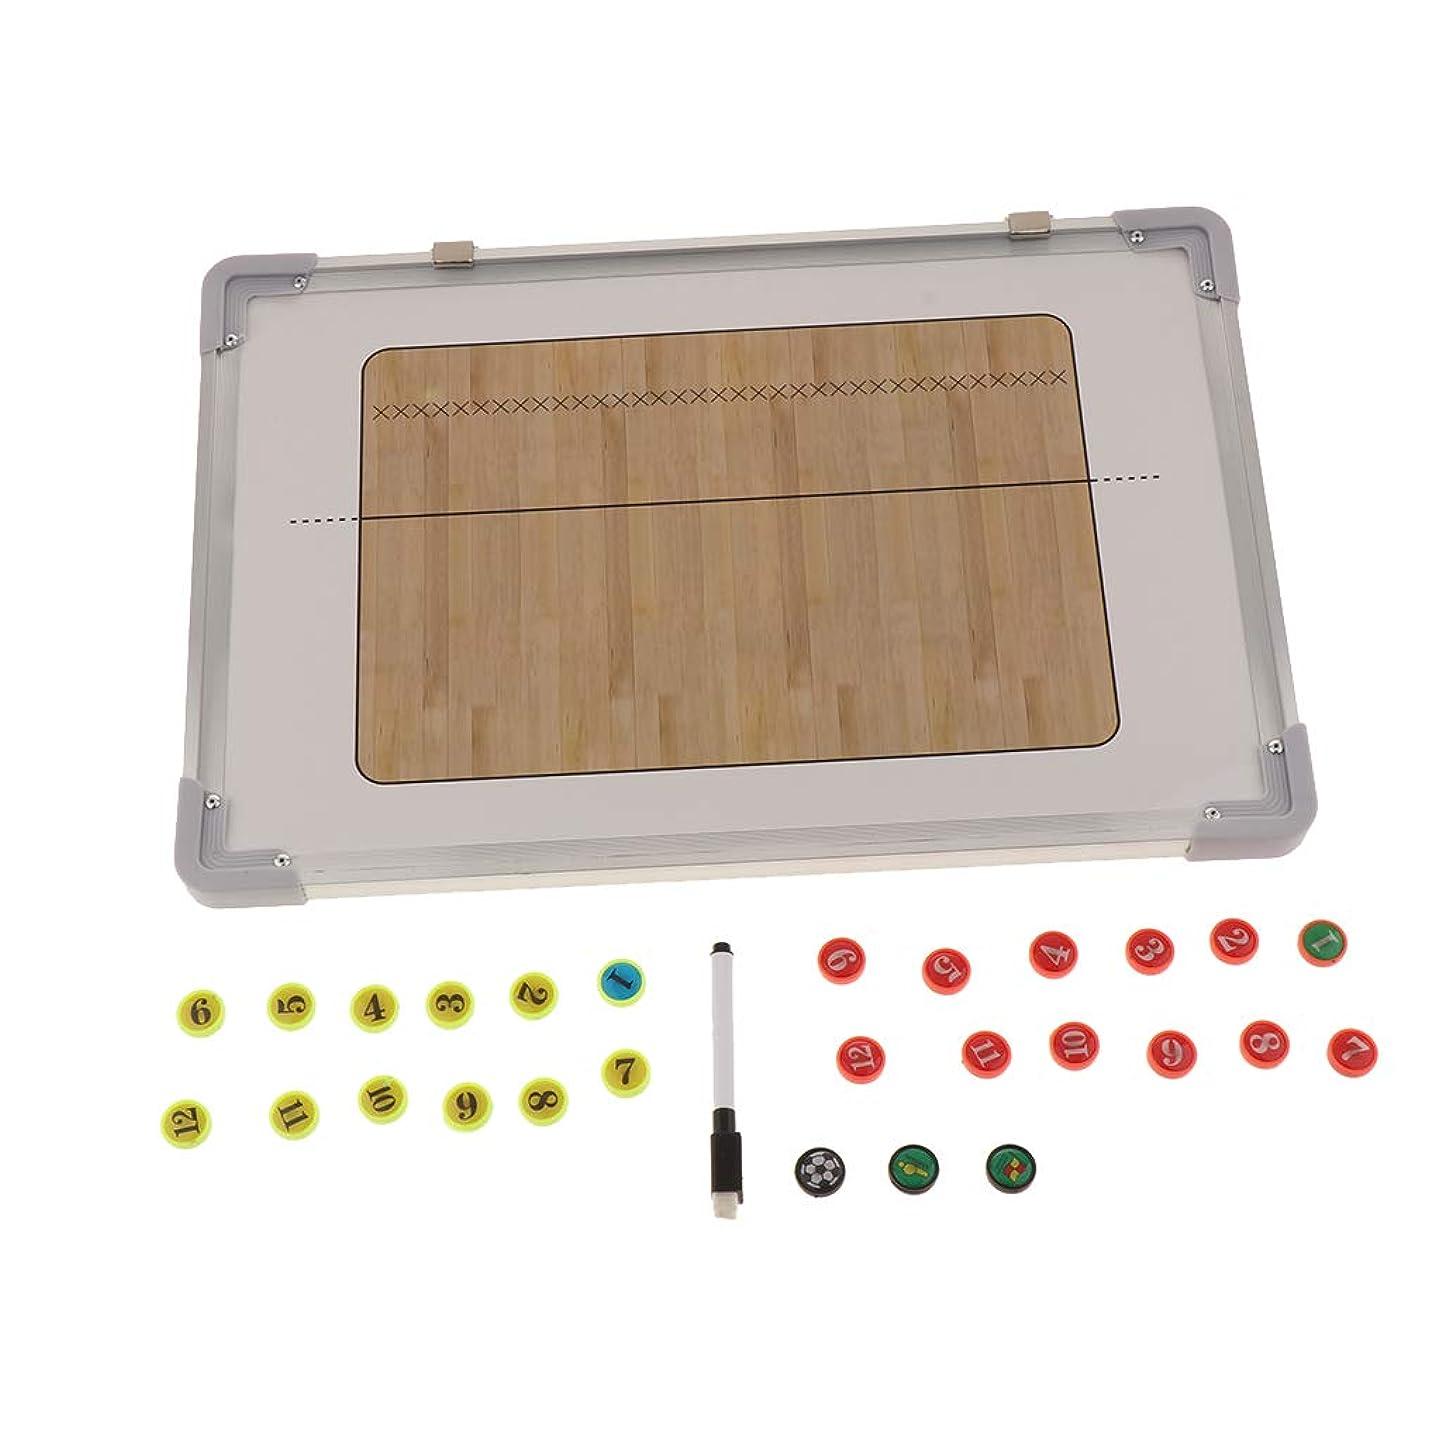 かりて承認するリサイクルするT TOOYFUL サッカーボード サッカー 作戦ボード 戦略盤 コーチボード ペン付き バスケットボール アルミニウム